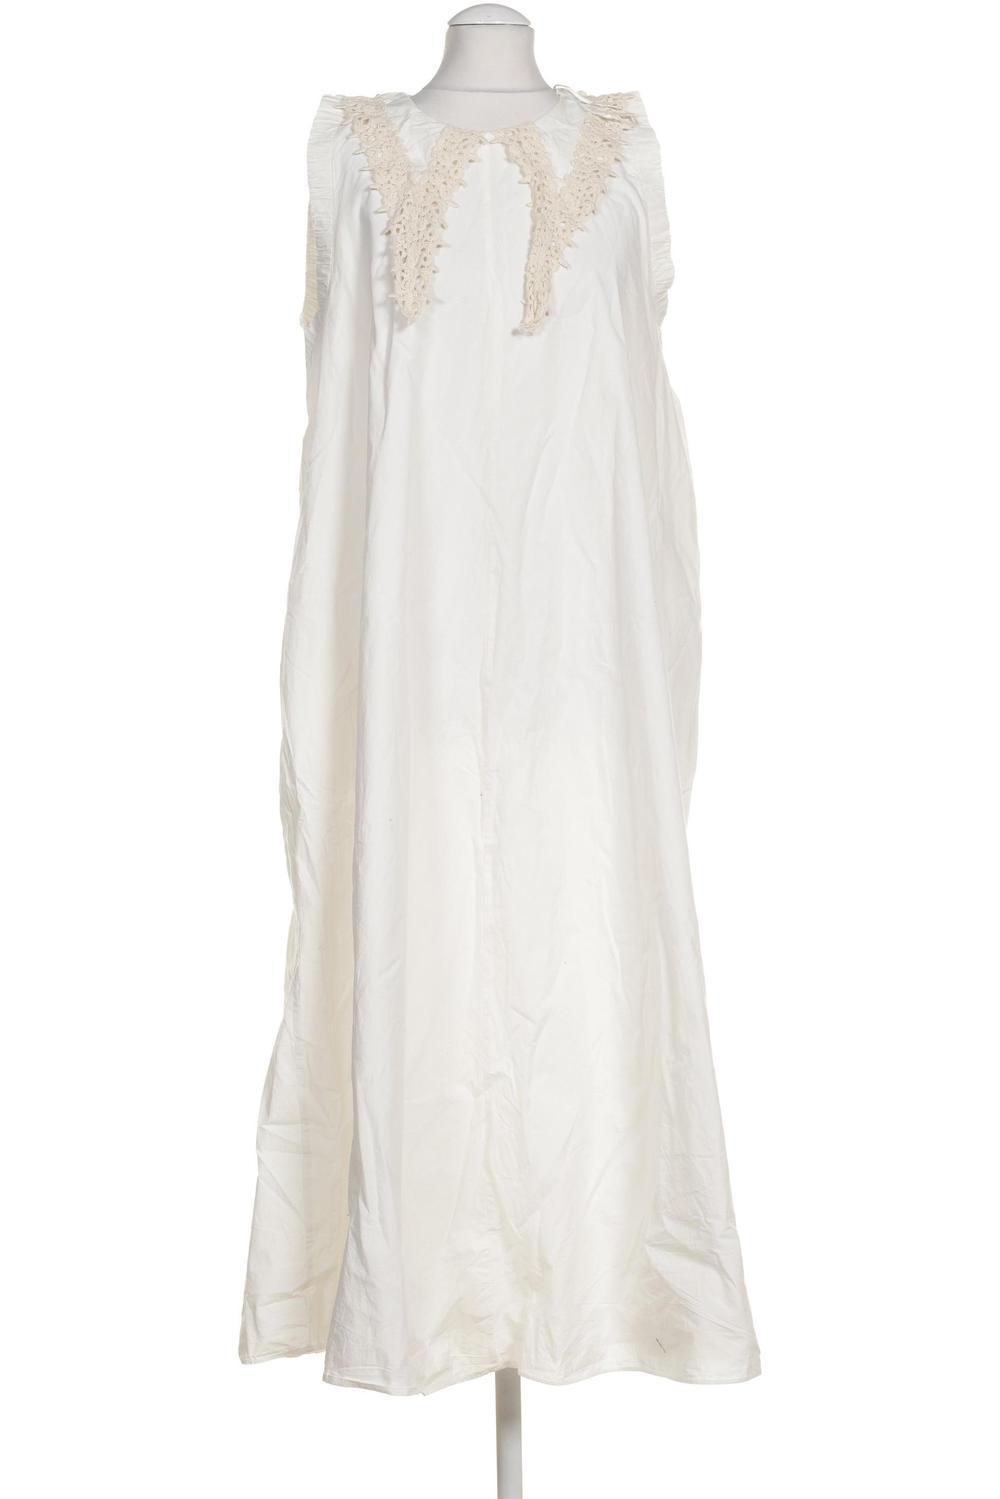 details zu zara kleid damen dress damenkleid gr. xs baumwolle weiß b1ff785